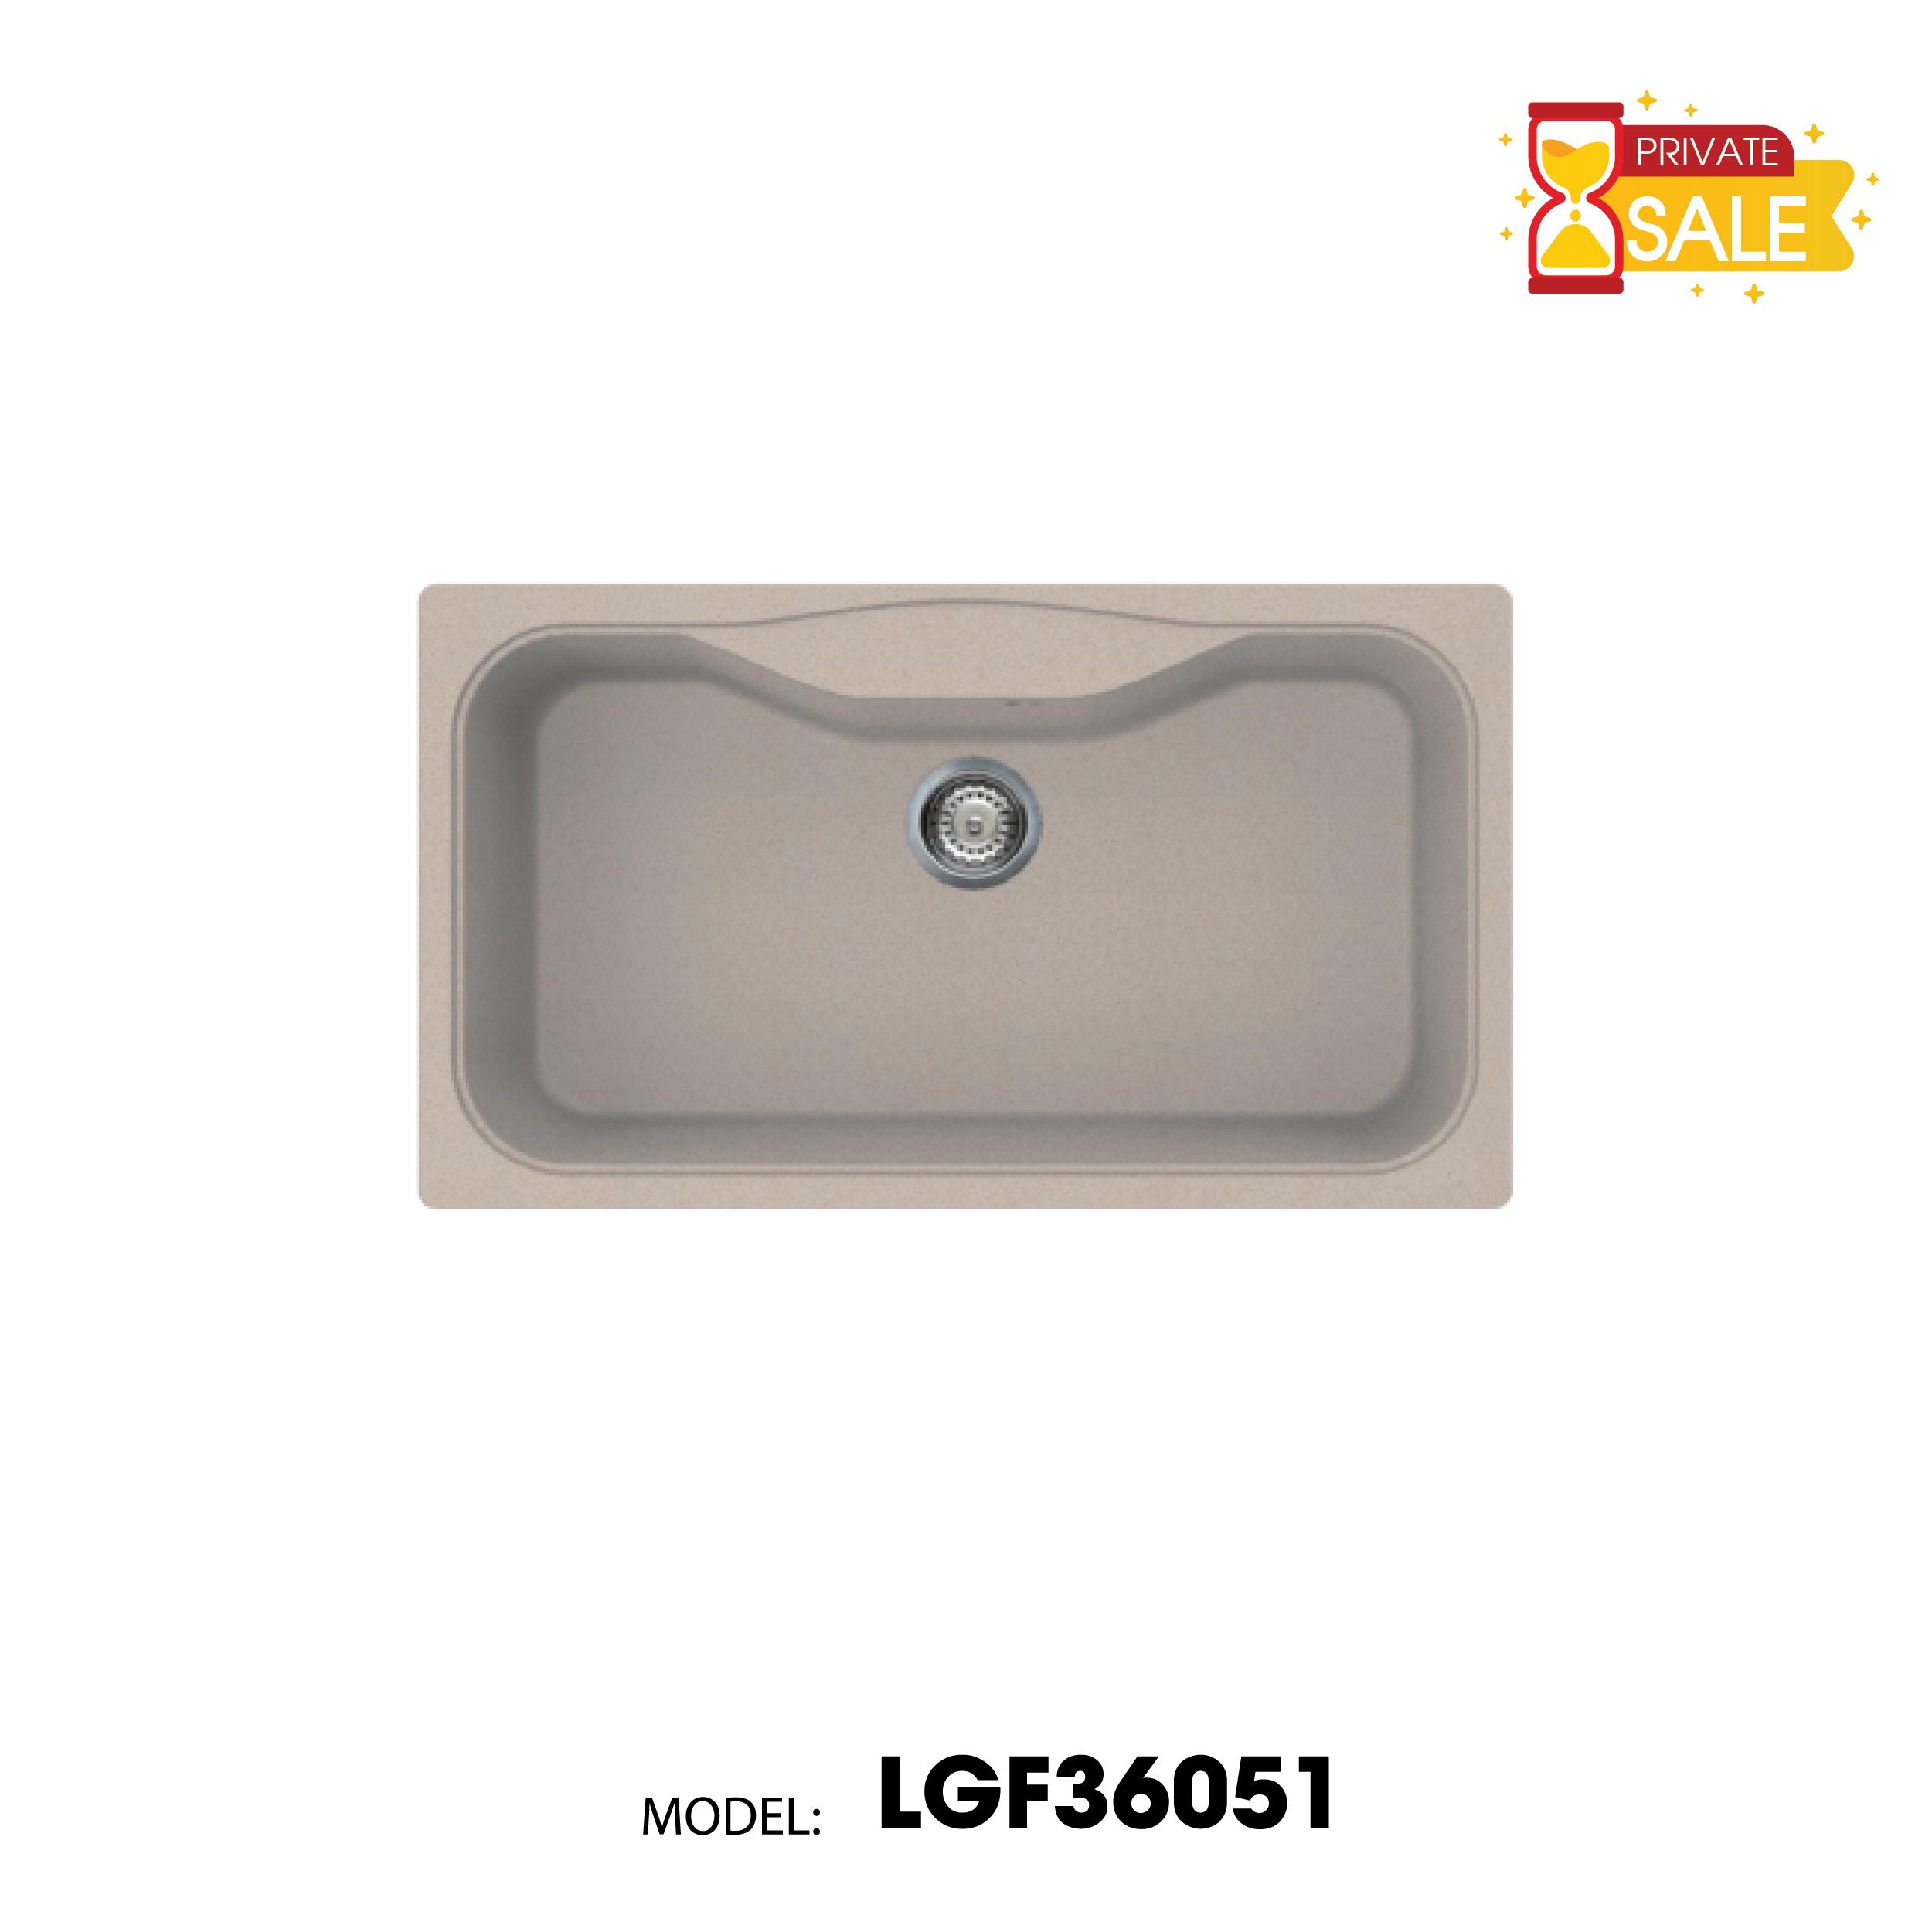 CHẬU ĐÁ TỰ NHIÊN ELLECI MODEL FOX 360 LGF36051